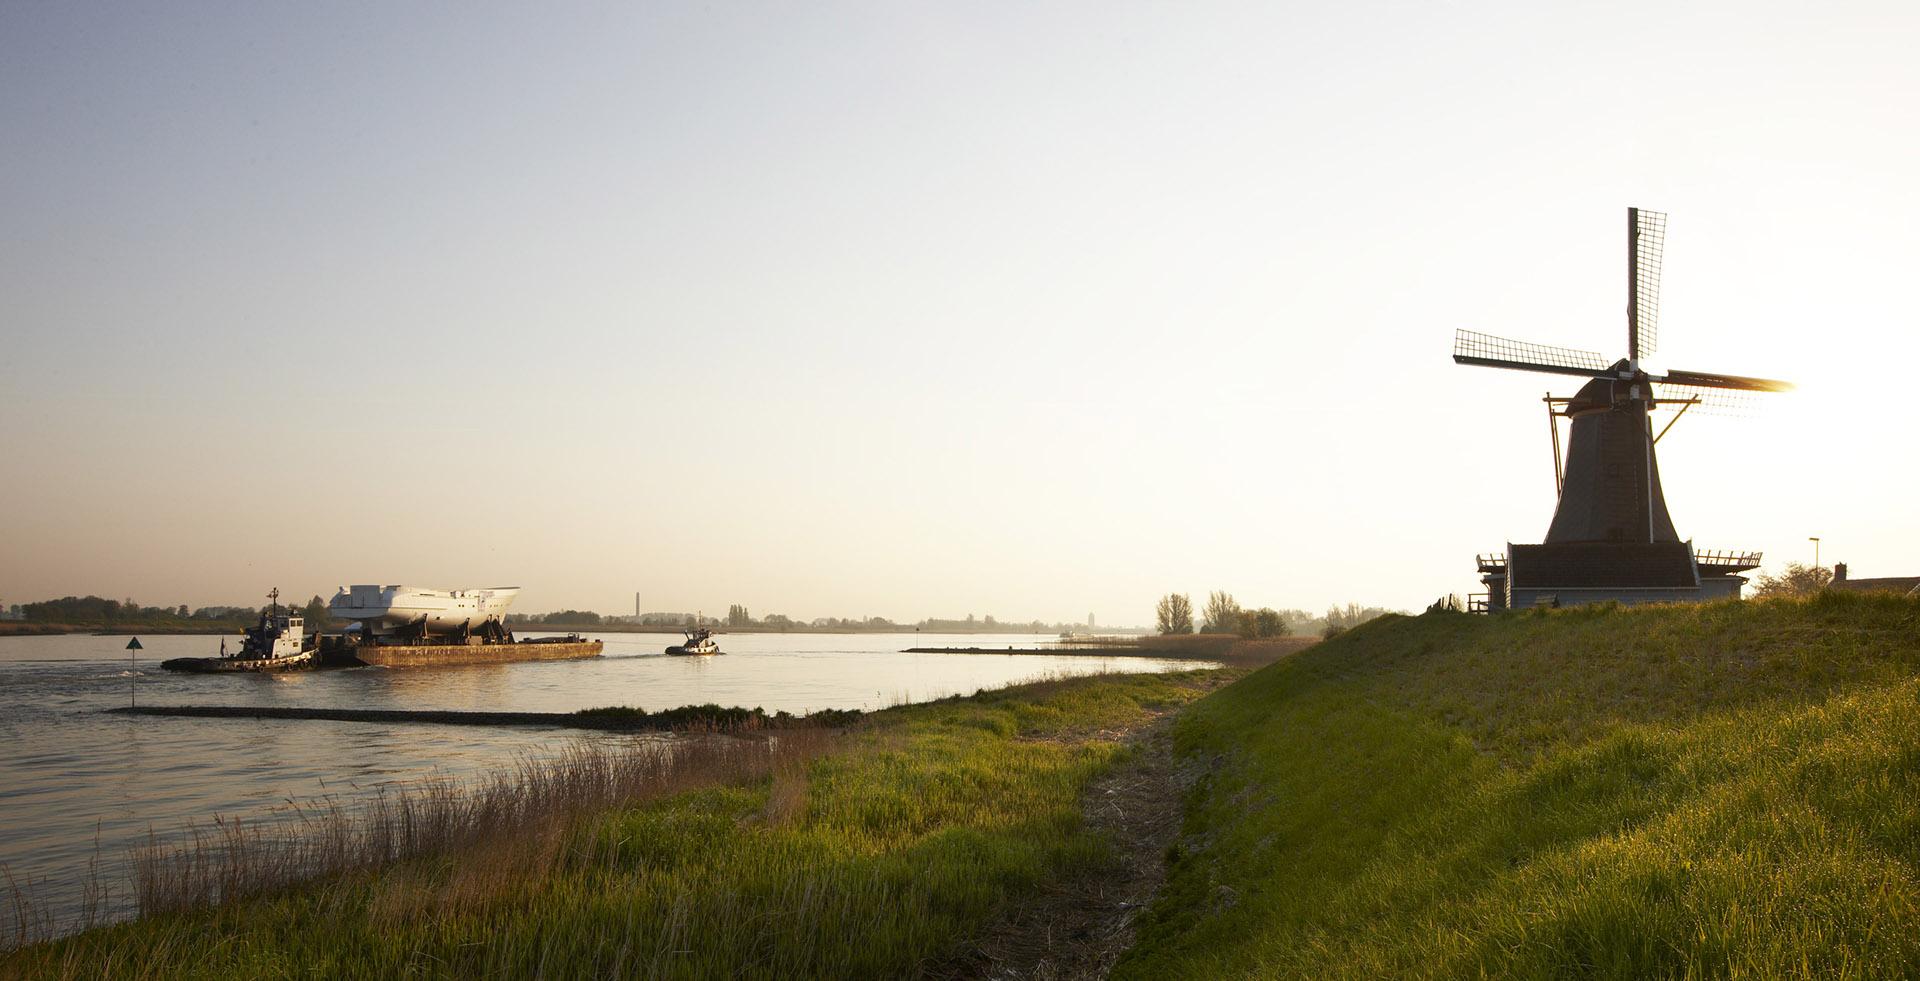 Moonen Shipyards YN-189